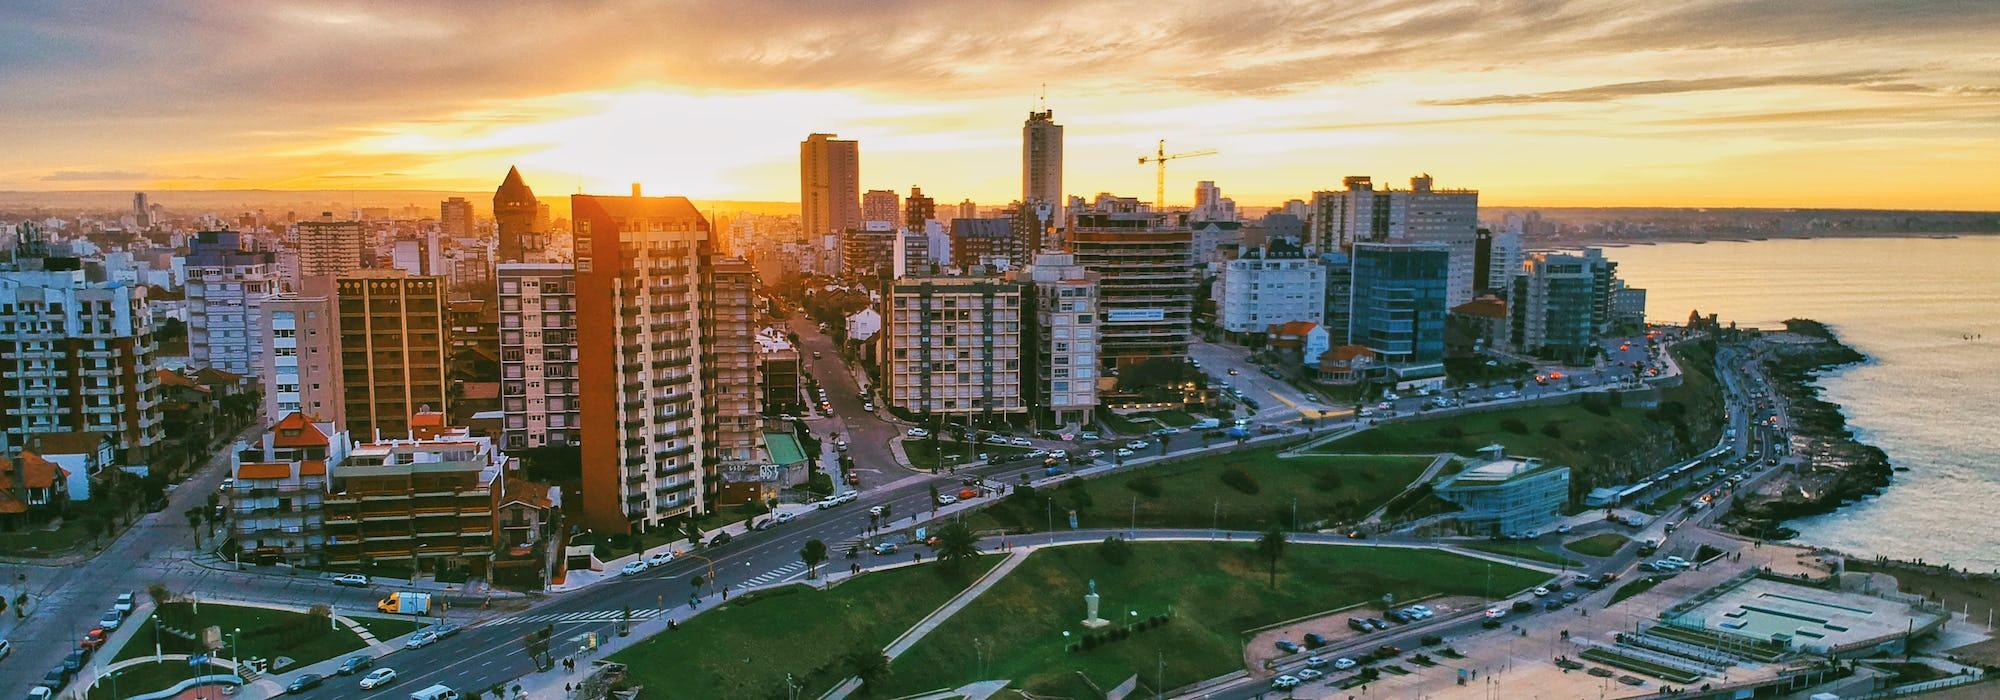 Bild på Buenos Aires kustlinje i solnedgången med byggnader till vänster och havet till höger.